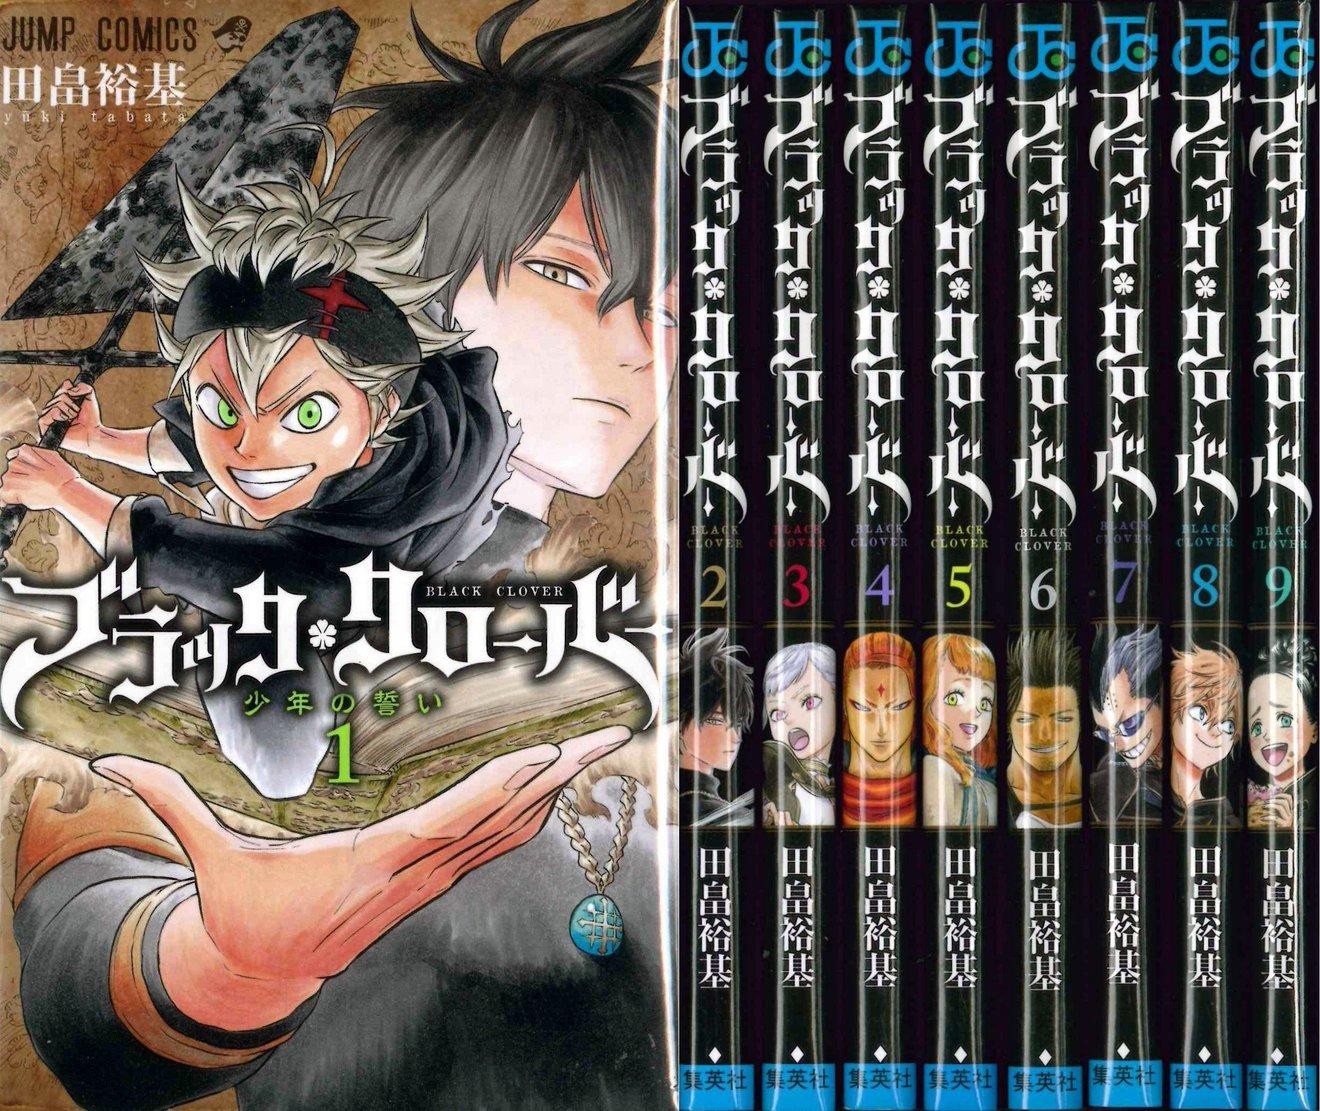 漫画『ブラッククローバー』最新13巻までのキャラの見所をネタバレ紹介!